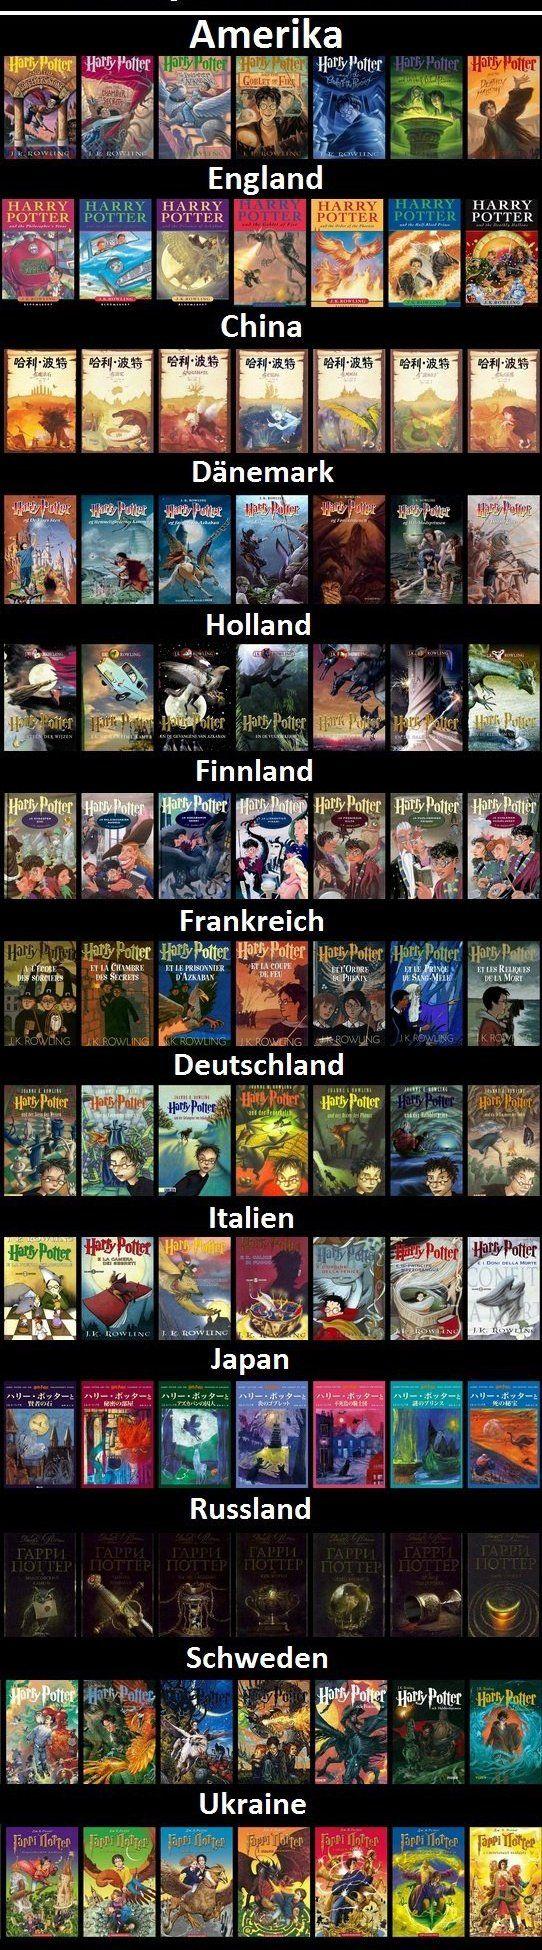 Interessant, dass alle Harry Potter Bücher in den verschiedenen Ländern verschiedene Cover haben! Welche findest du am besten?